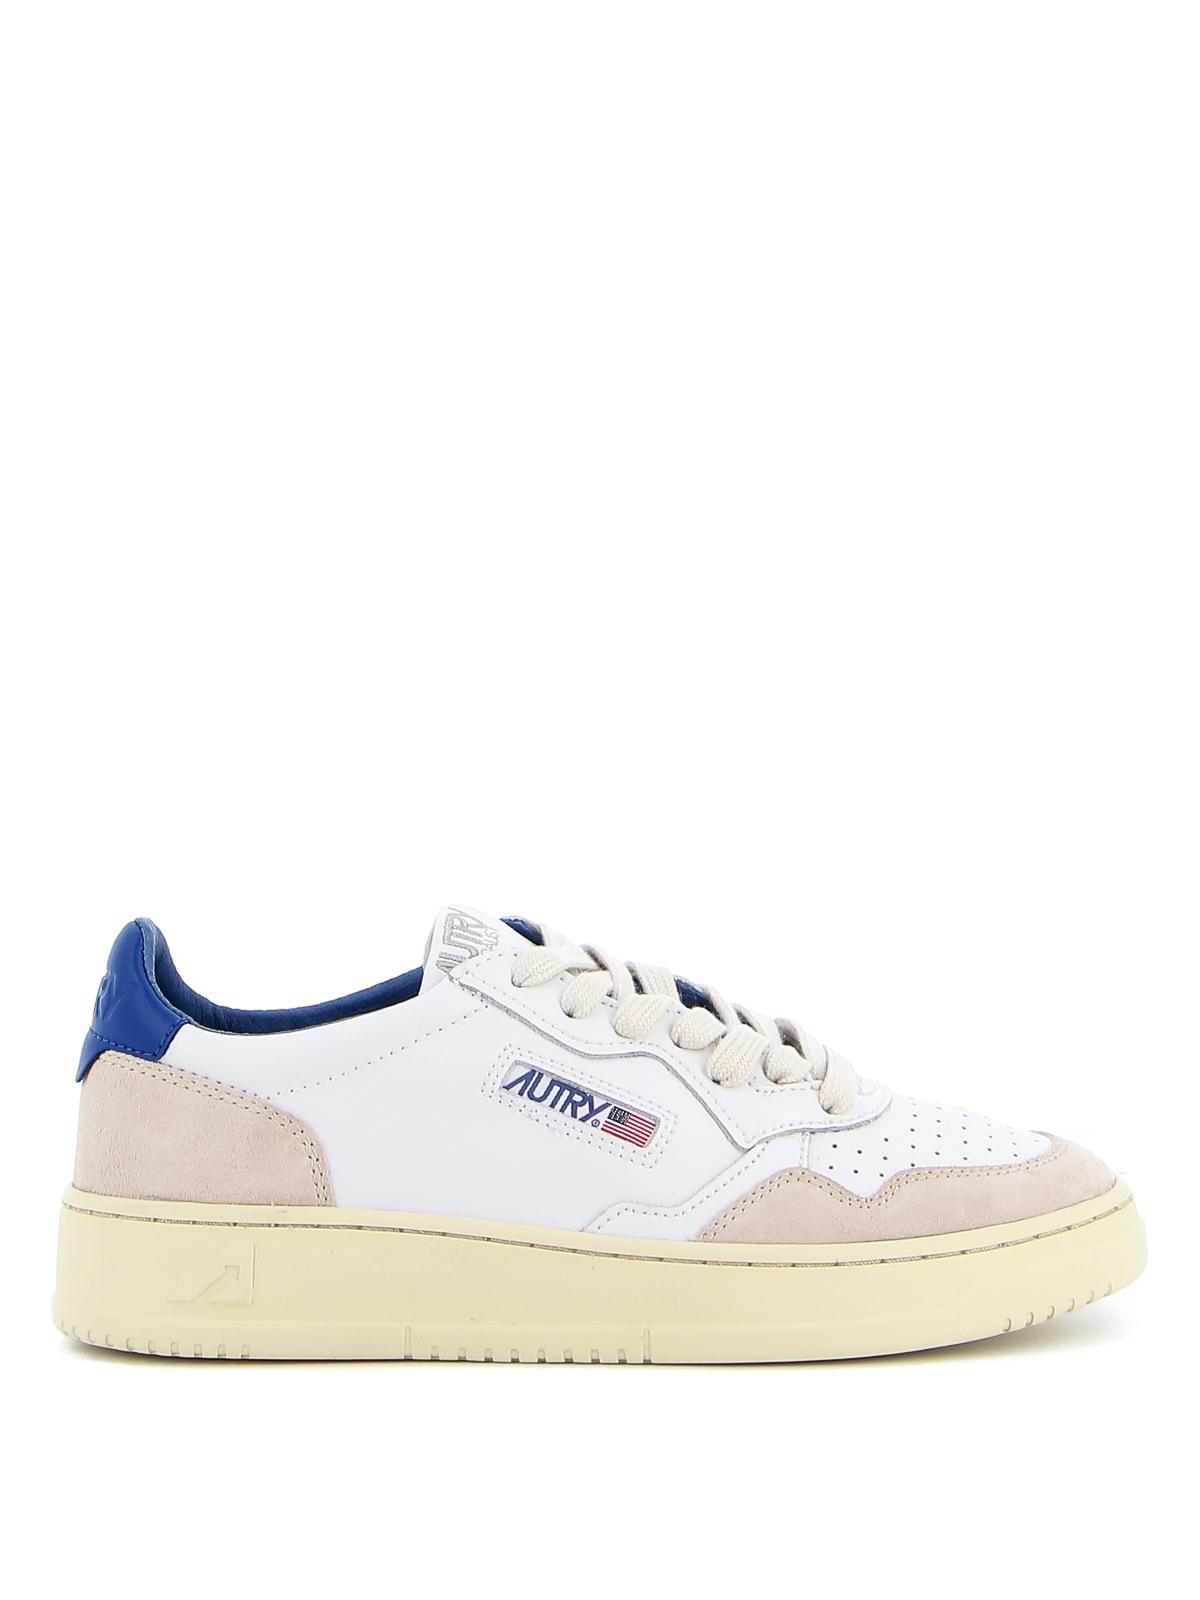 Immagine di Autry | Sneakers Leather Nylon